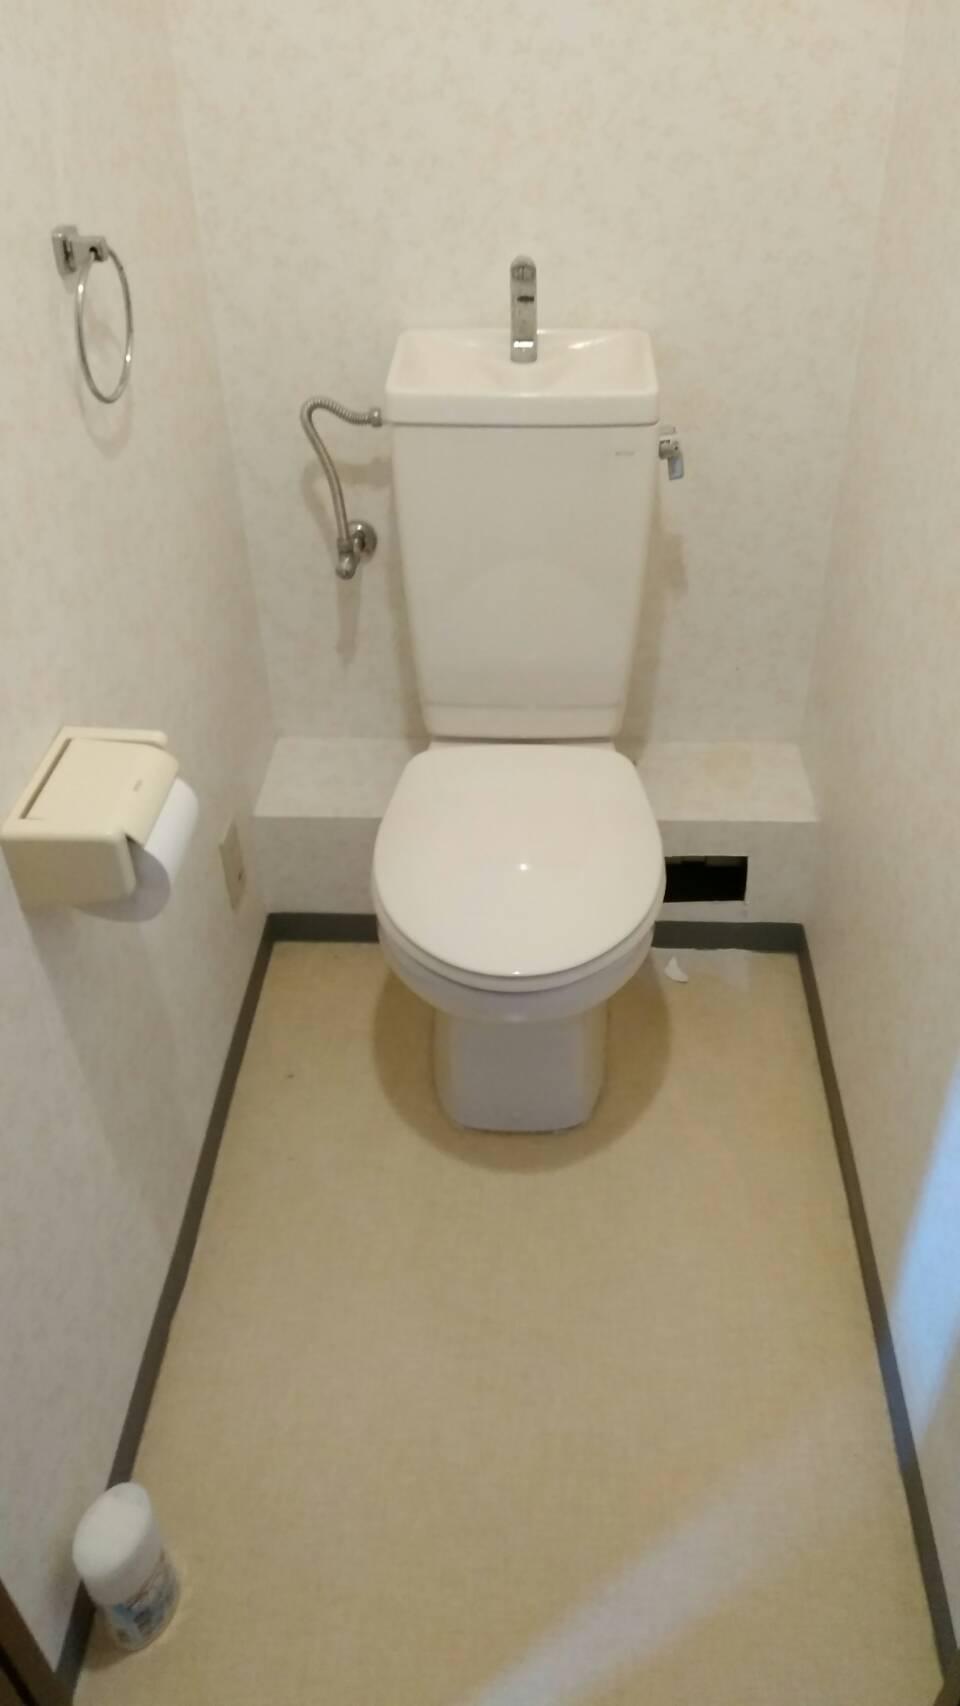 池田市石橋トイレ取替え 隠してスッキリ!収納付トイレ!